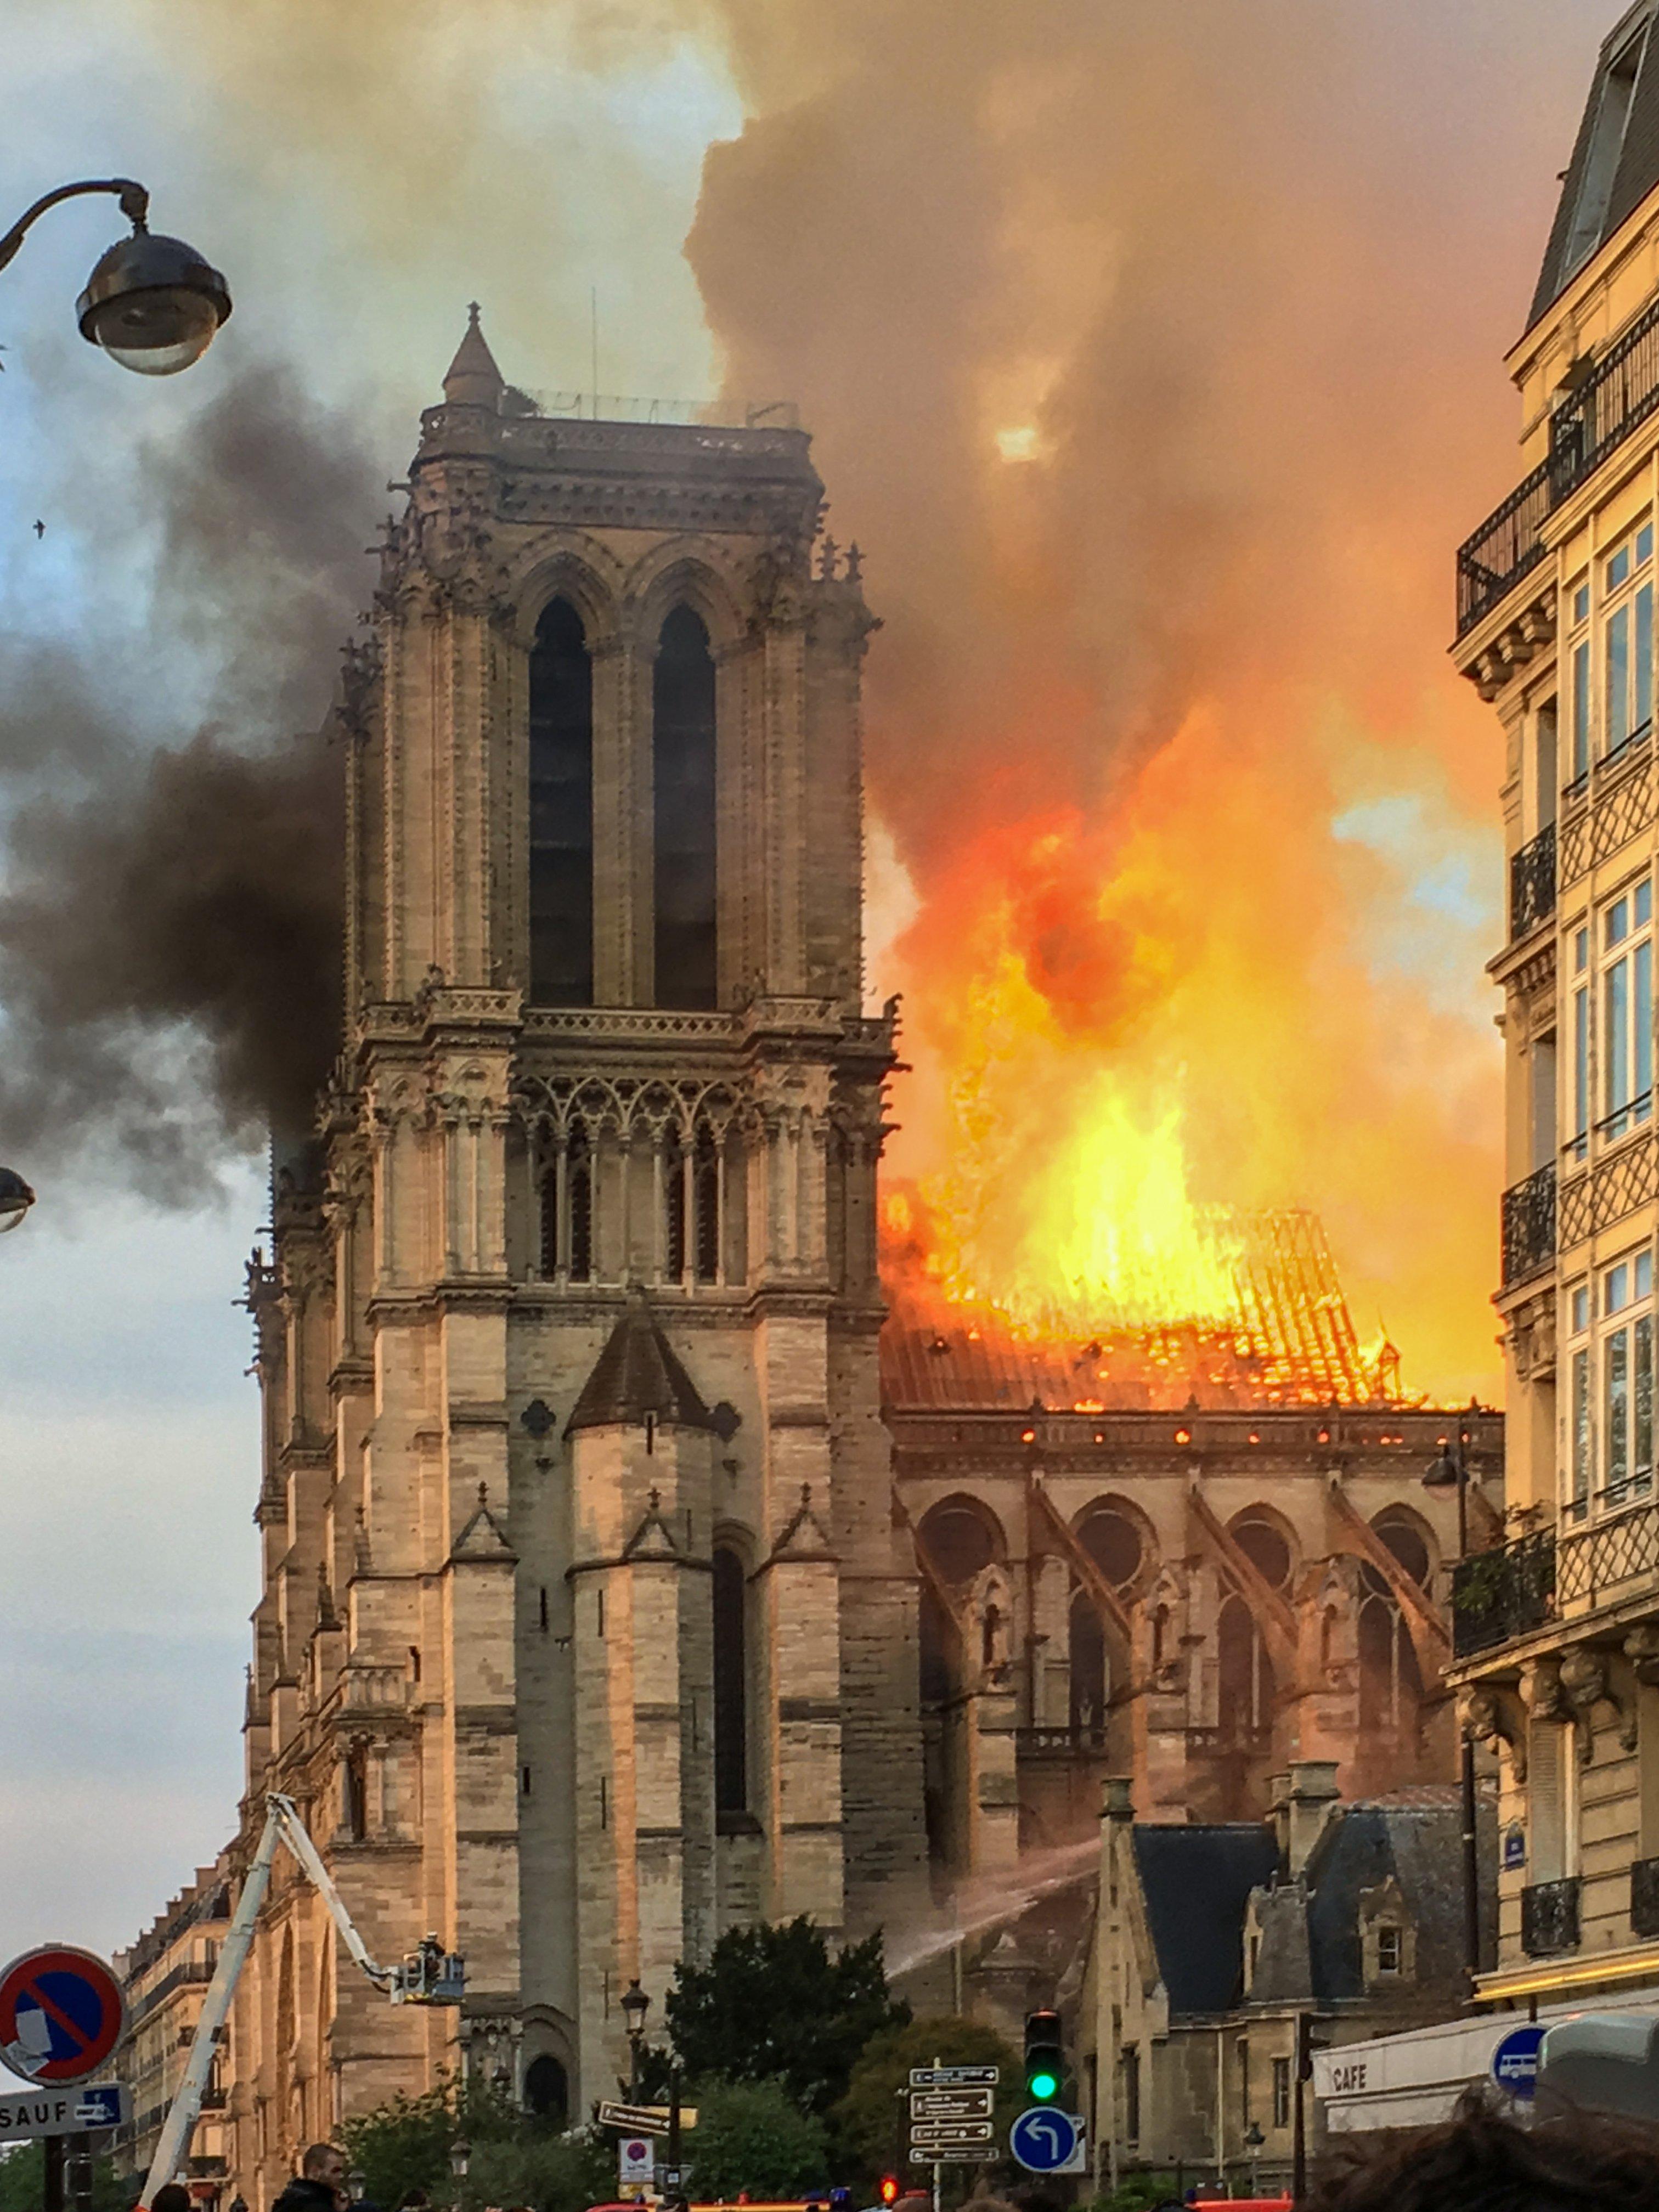 Incendio de Notre Dame de Paris, 15 de abril de 2019. | Imagen: Wikipedia